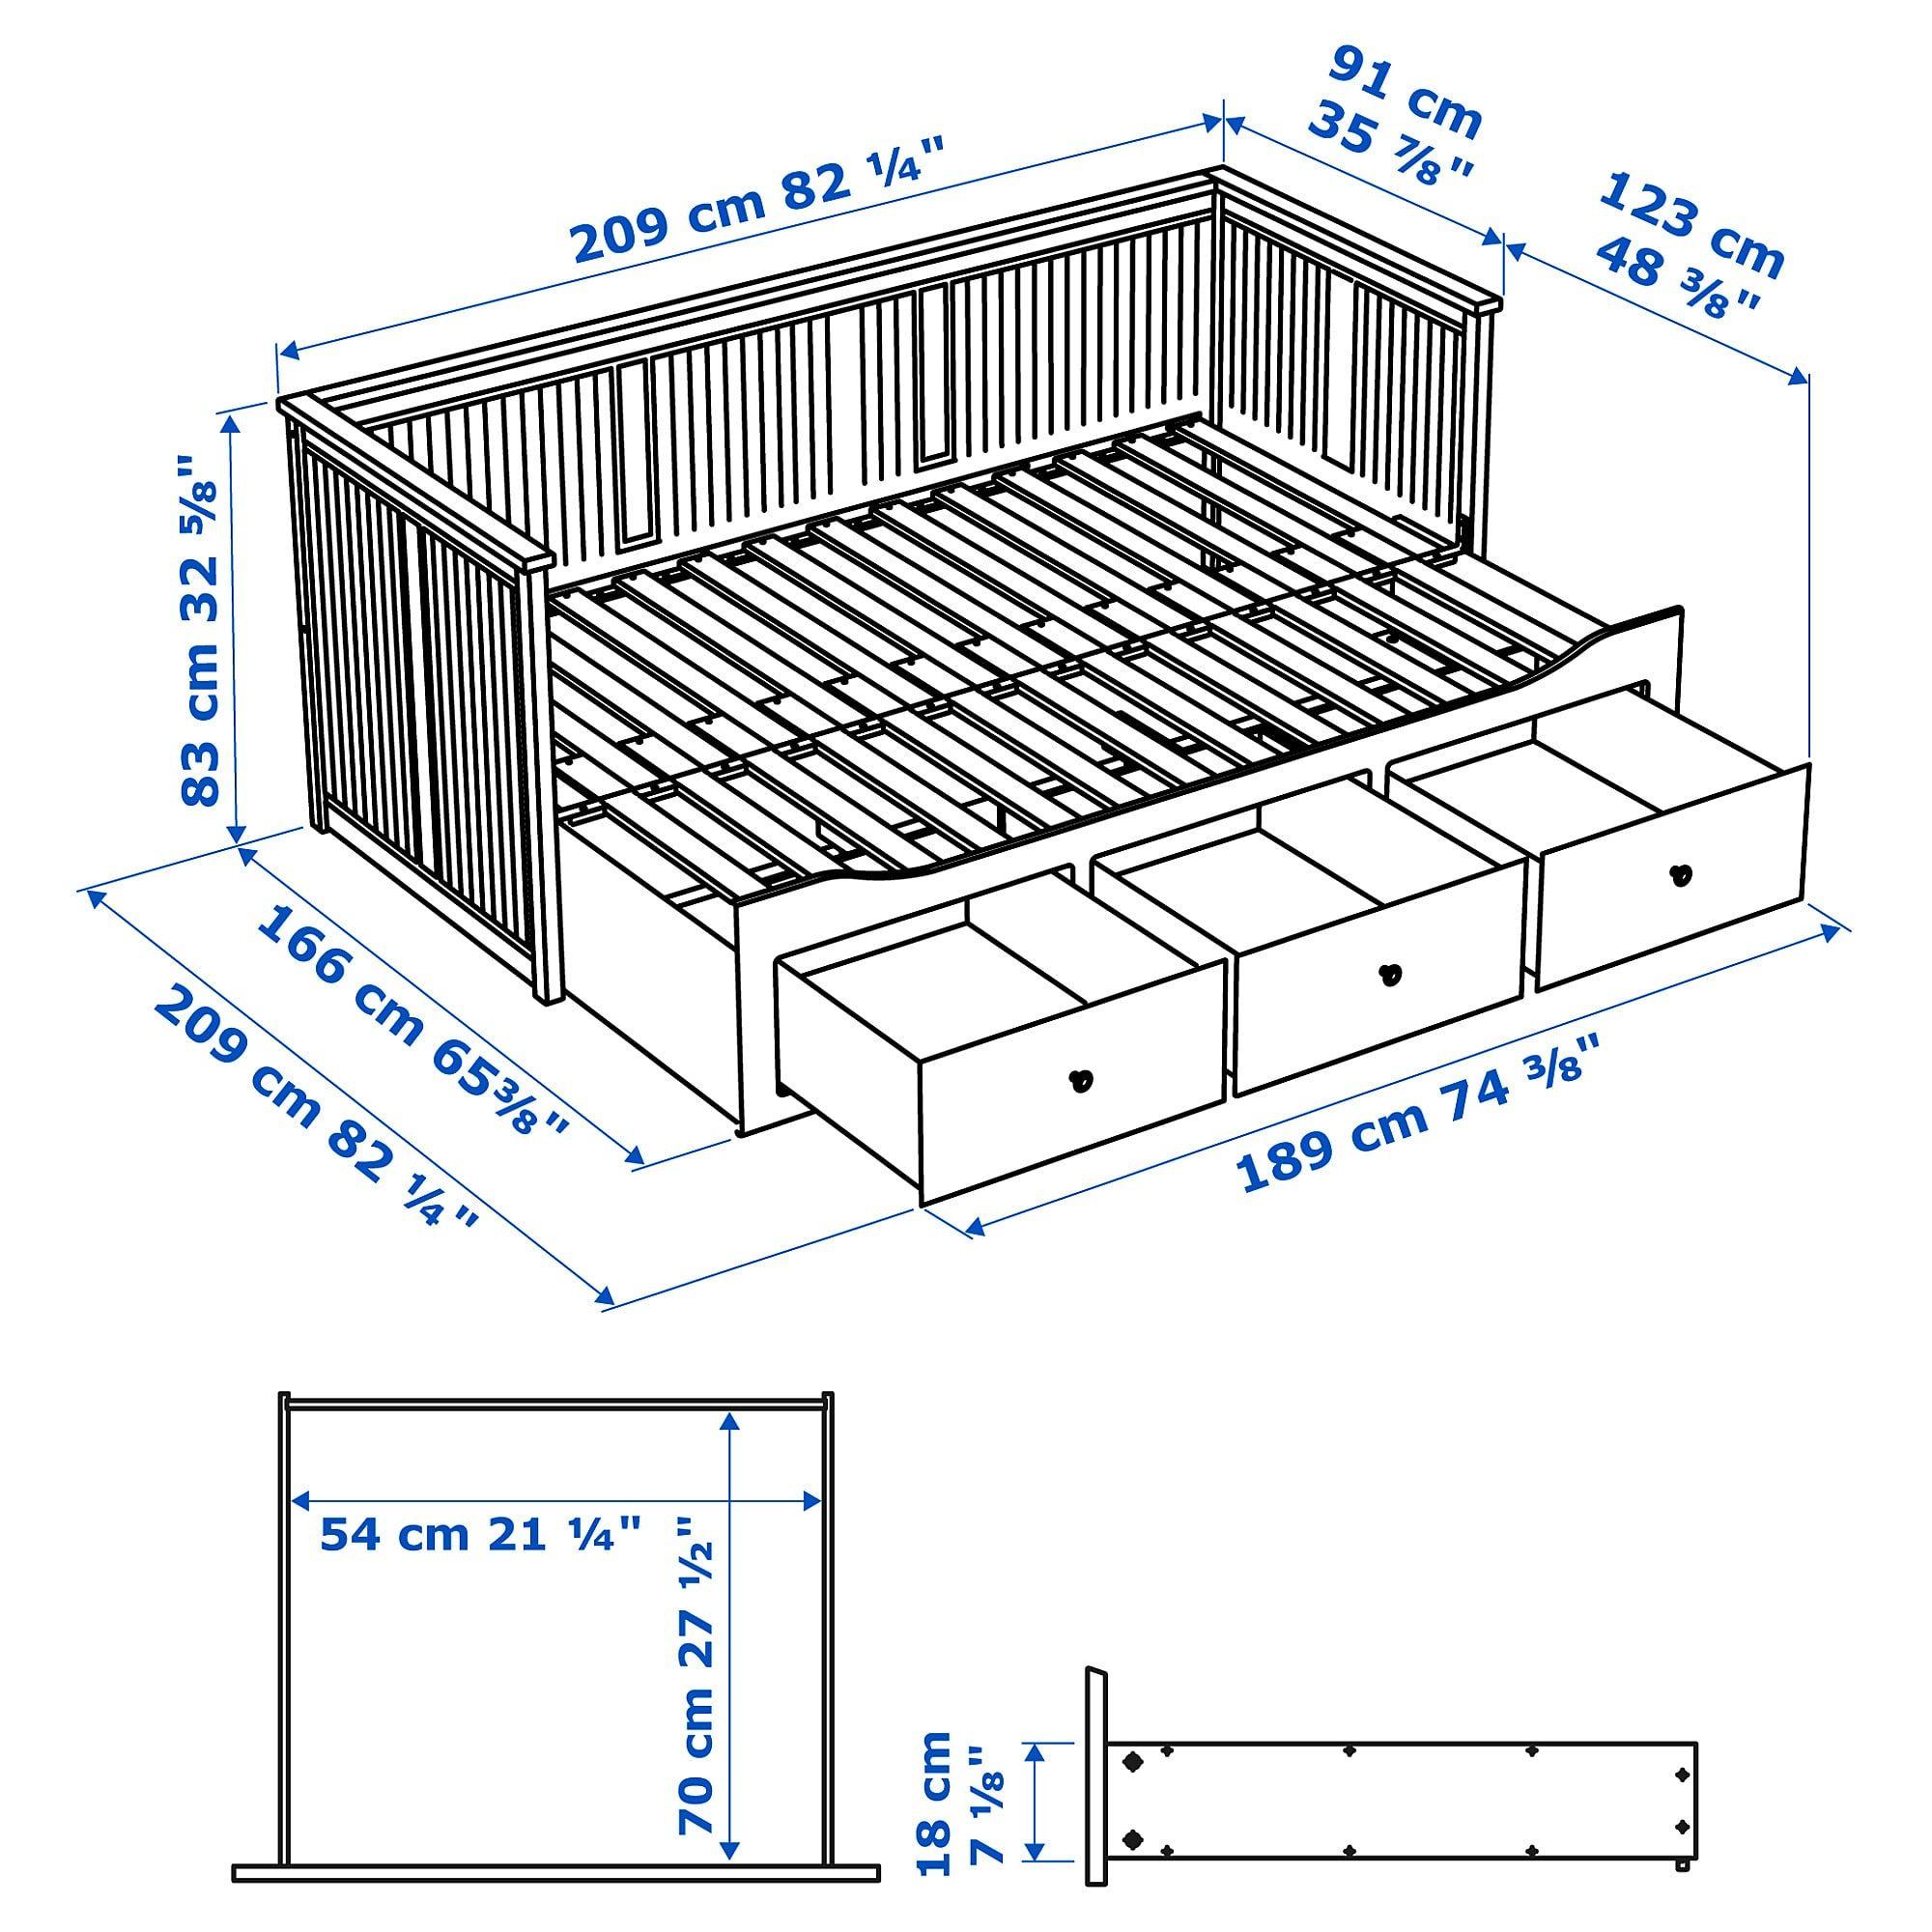 Hemnes Tagesbett 3 Schubladen 2 Matratzen Weiss Malfors Mittelfest Ikea Osterreich Hemnes Day Bed Day Bed Frame Hemnes